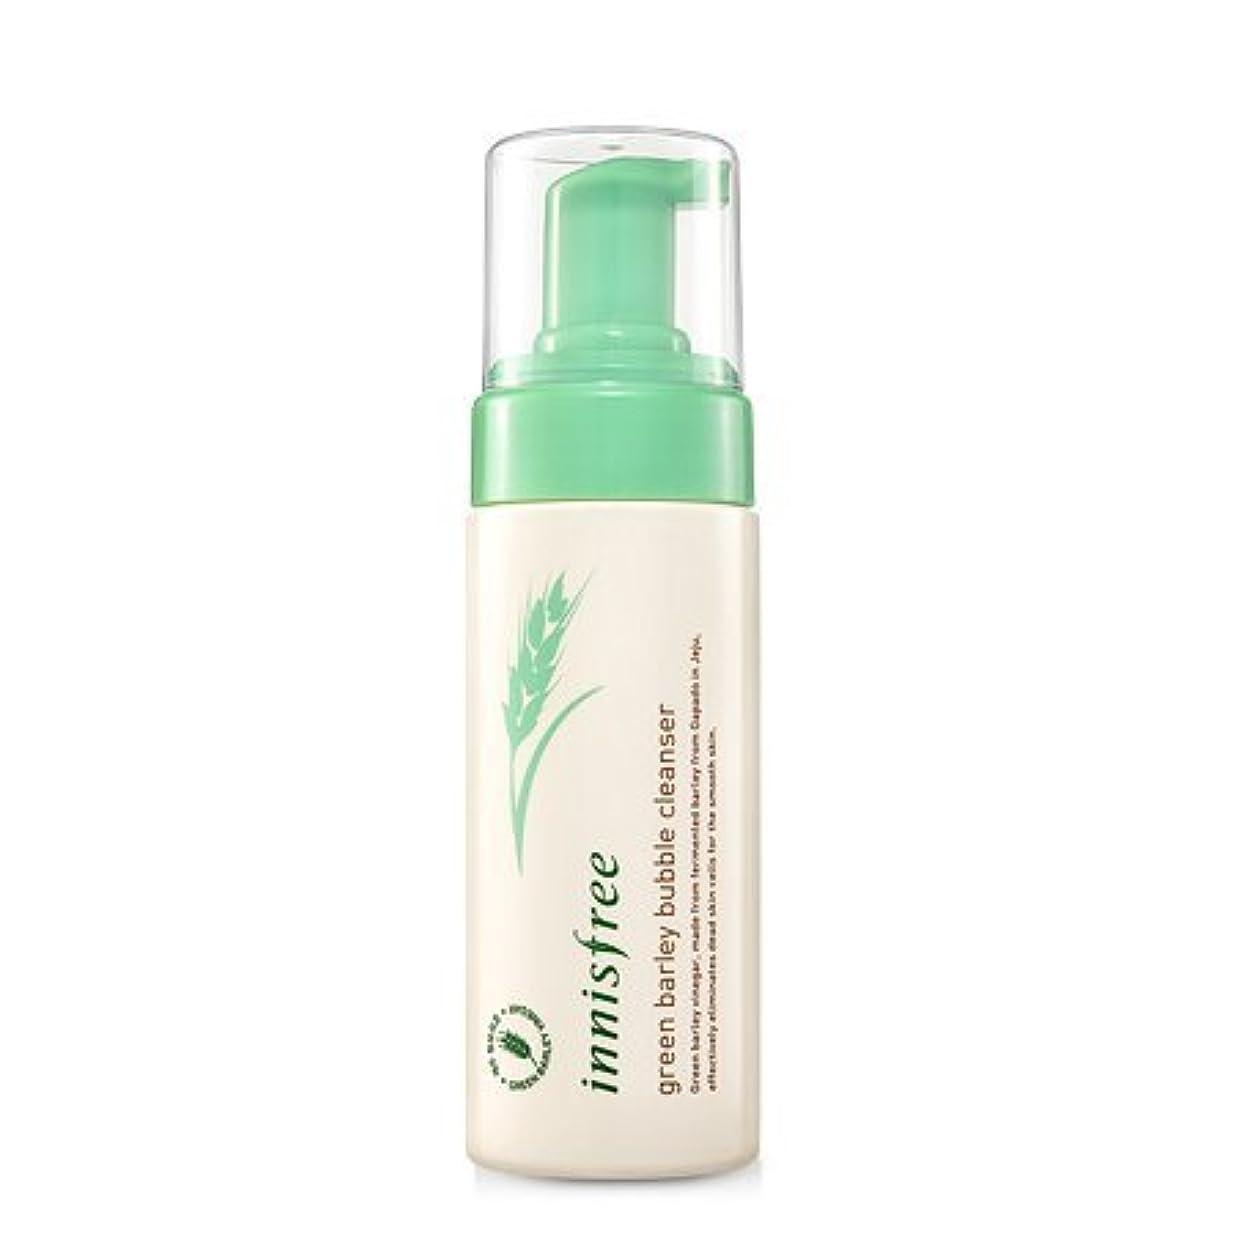 レシピ楽しい活力[innisfree(イニスフリー)] Green barley bubble cleanser 150ml 青麦のバブルクレンザー [並行輸入品][海外直送品]